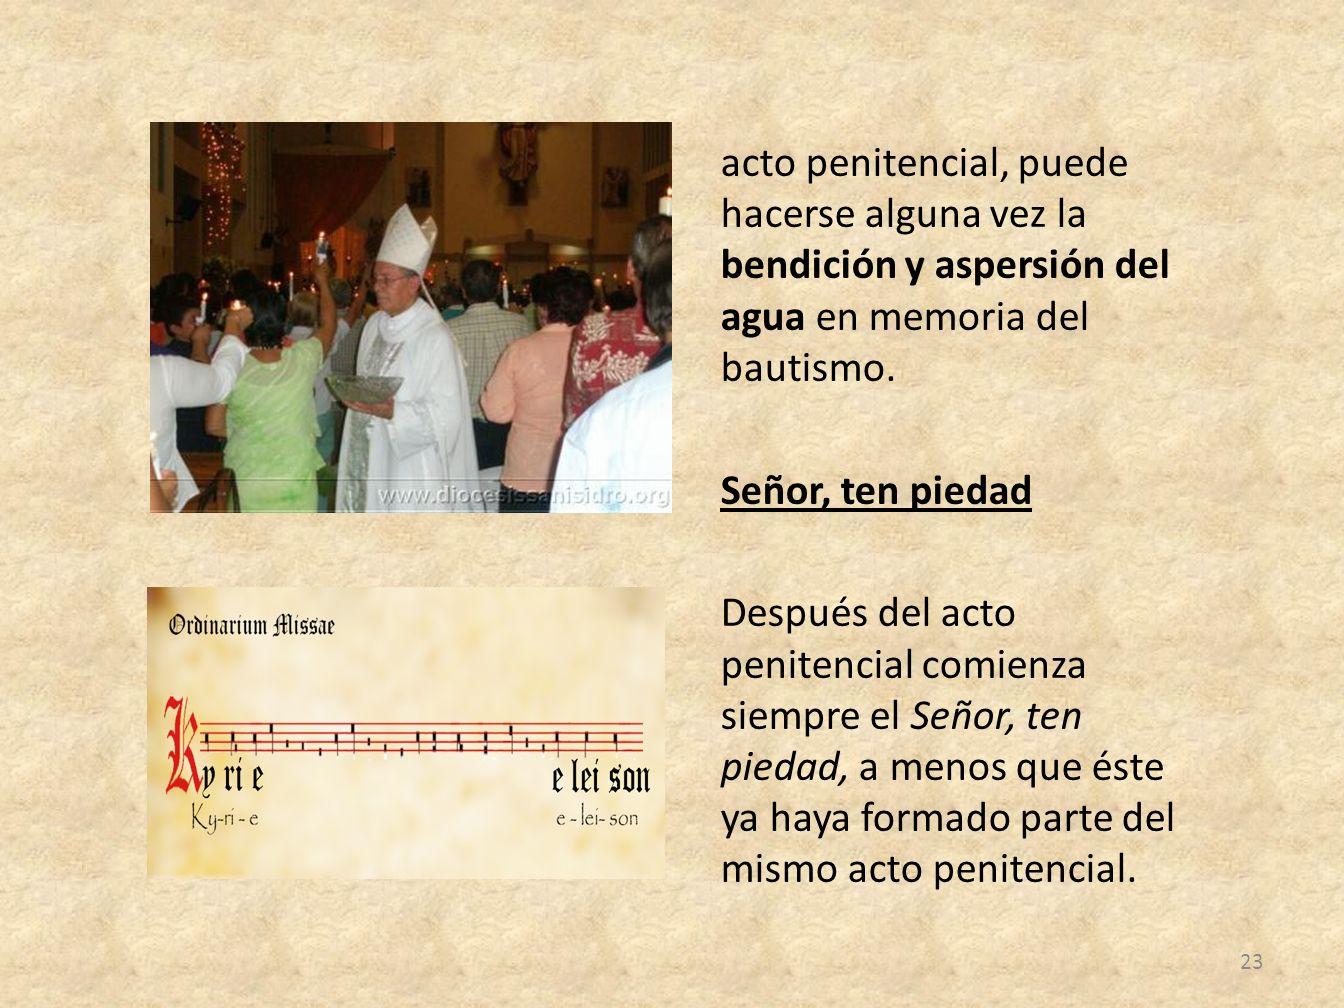 acto penitencial, puede hacerse alguna vez la bendición y aspersión del agua en memoria del bautismo.